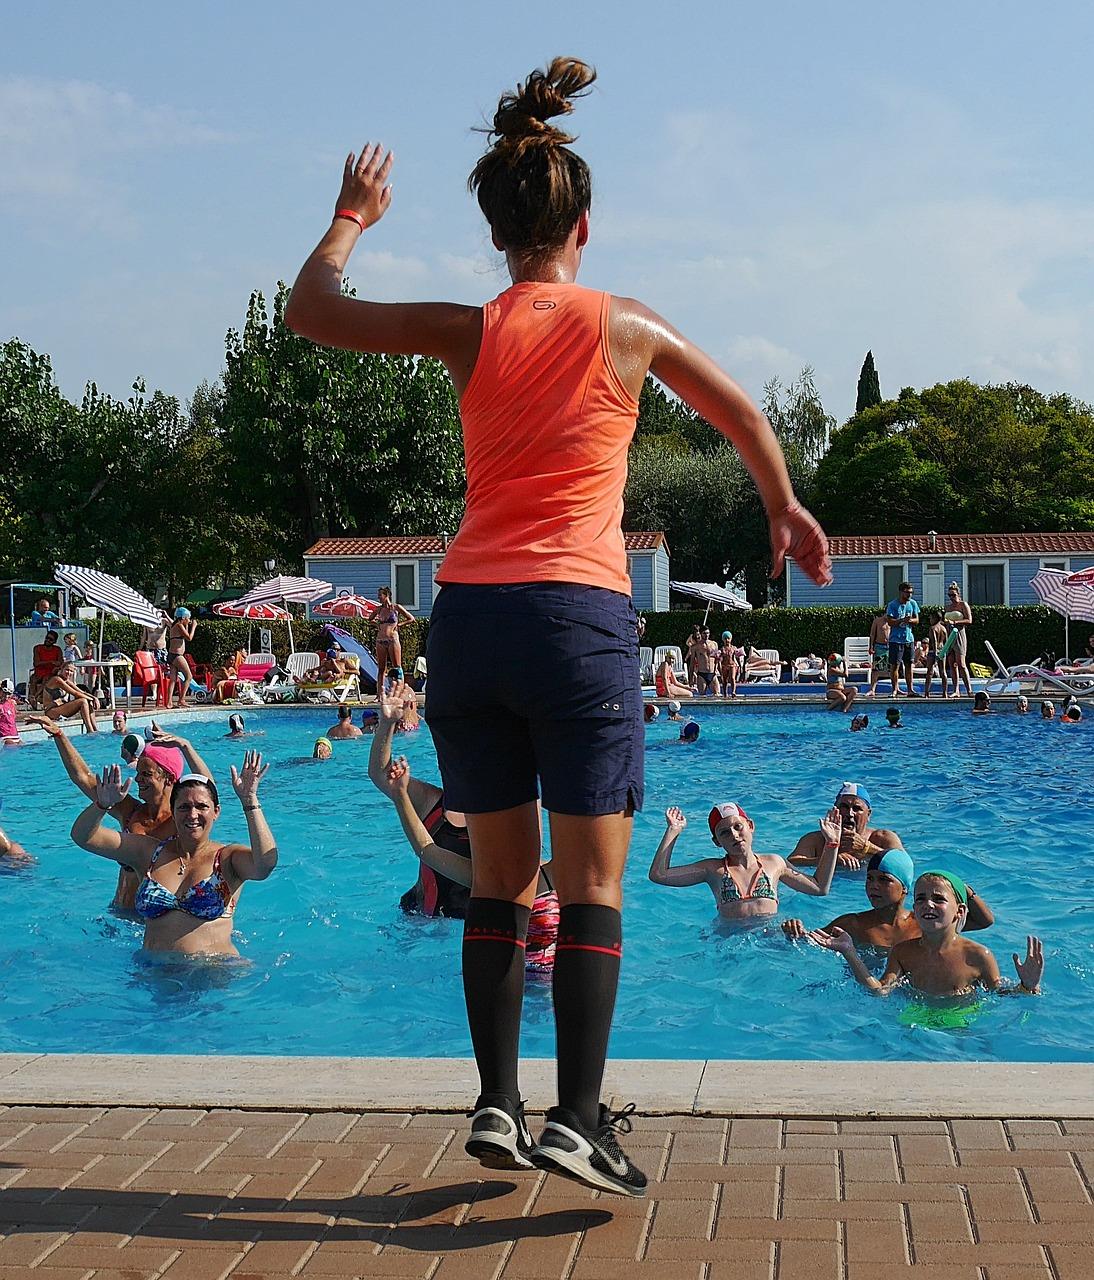 Wassergymnastik Gardasee Sport - Kostenloses Foto auf Pixabay